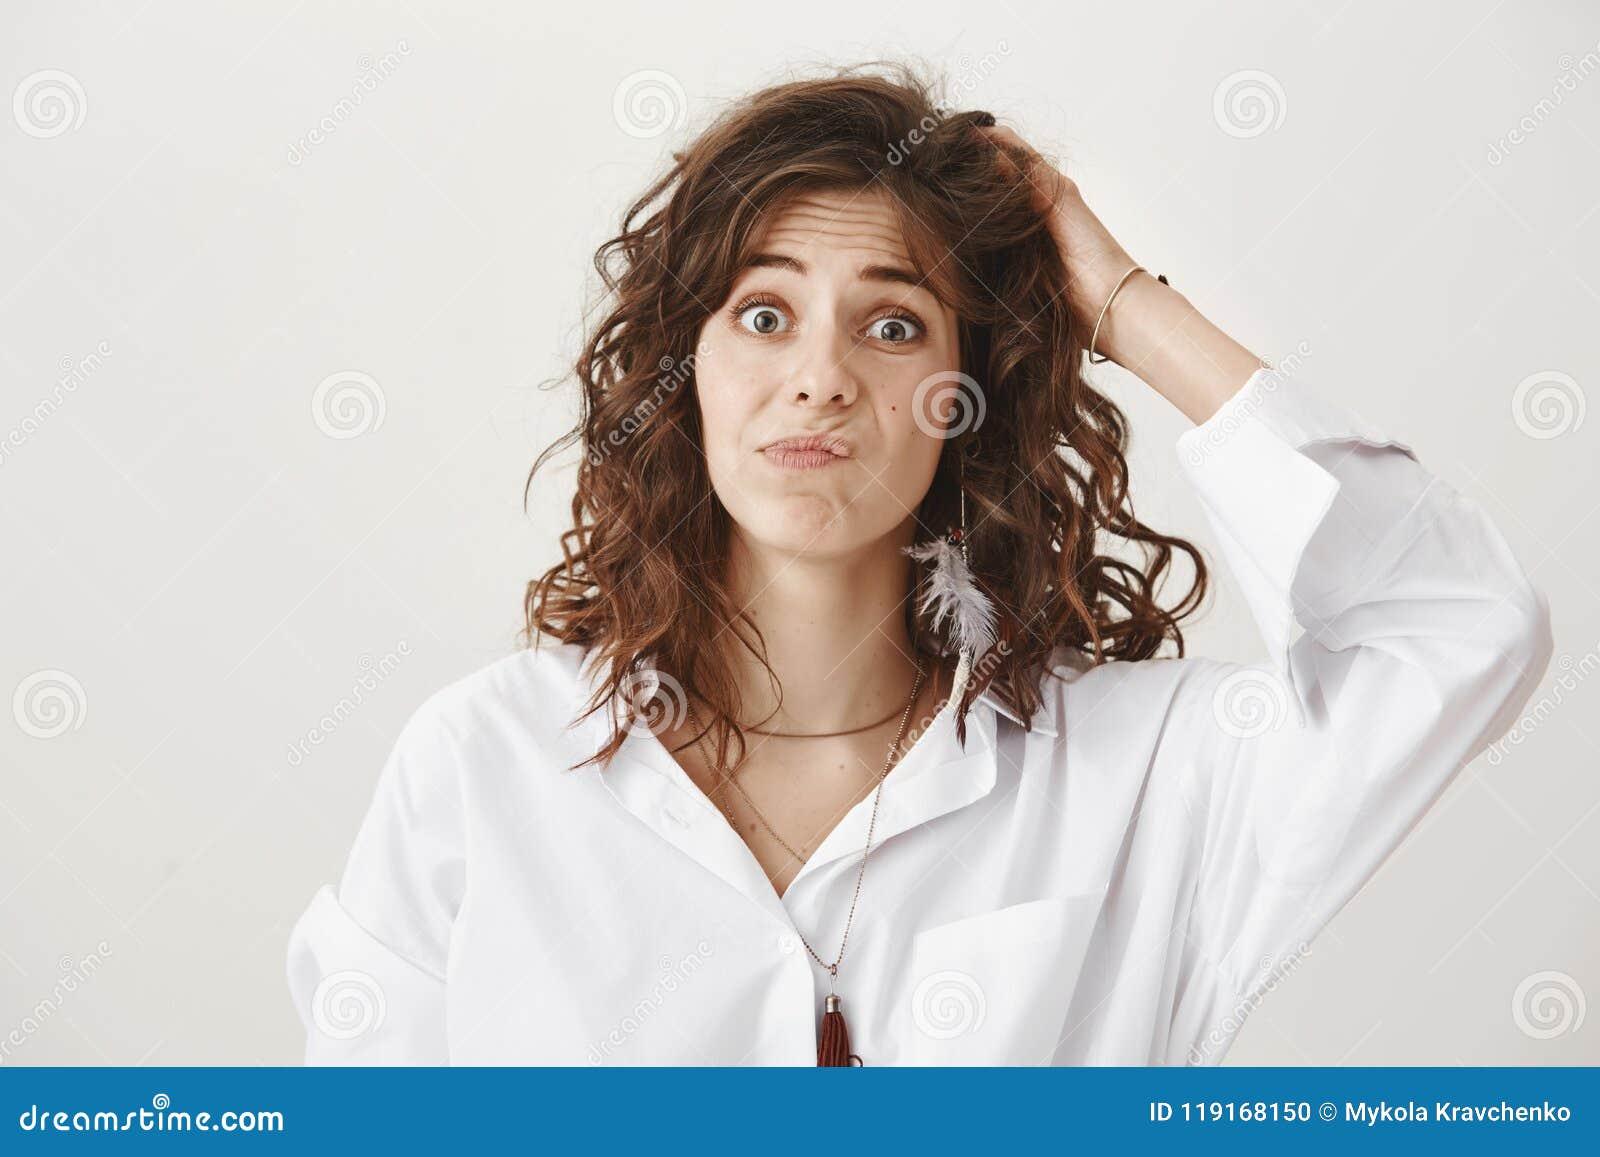 Ahnungsloses und verwirrtes reizend kaukasisches Frauenverkratzen Haupt und Die Stirn runzeln mit dem verwirrten Ausdruck, stehen